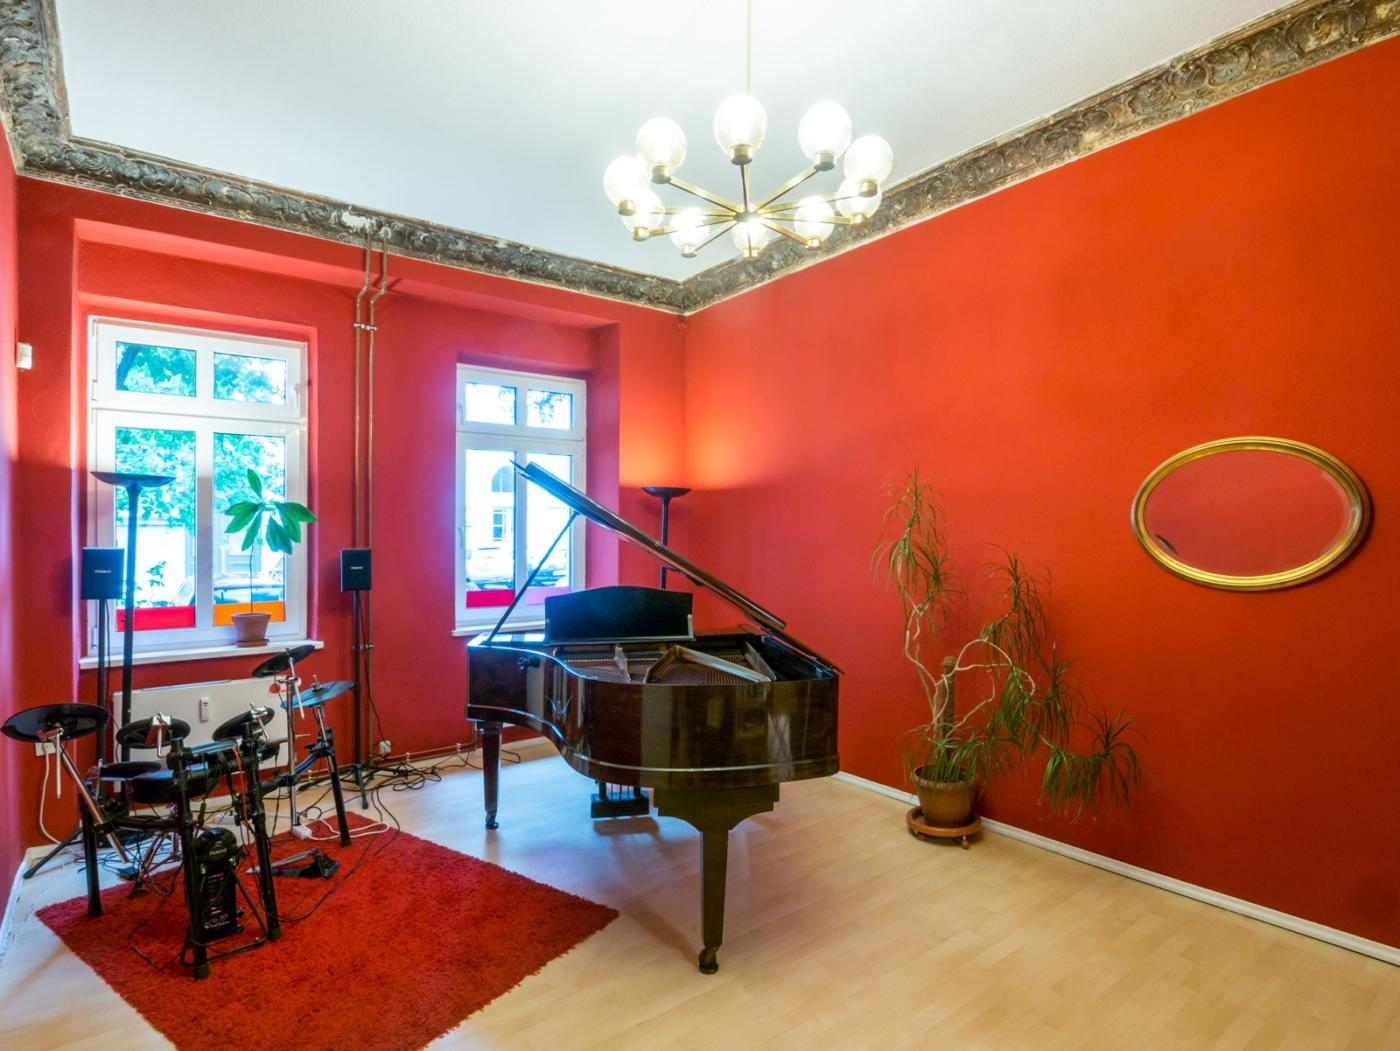 Tomatenklang - Innenraumaufnahmen